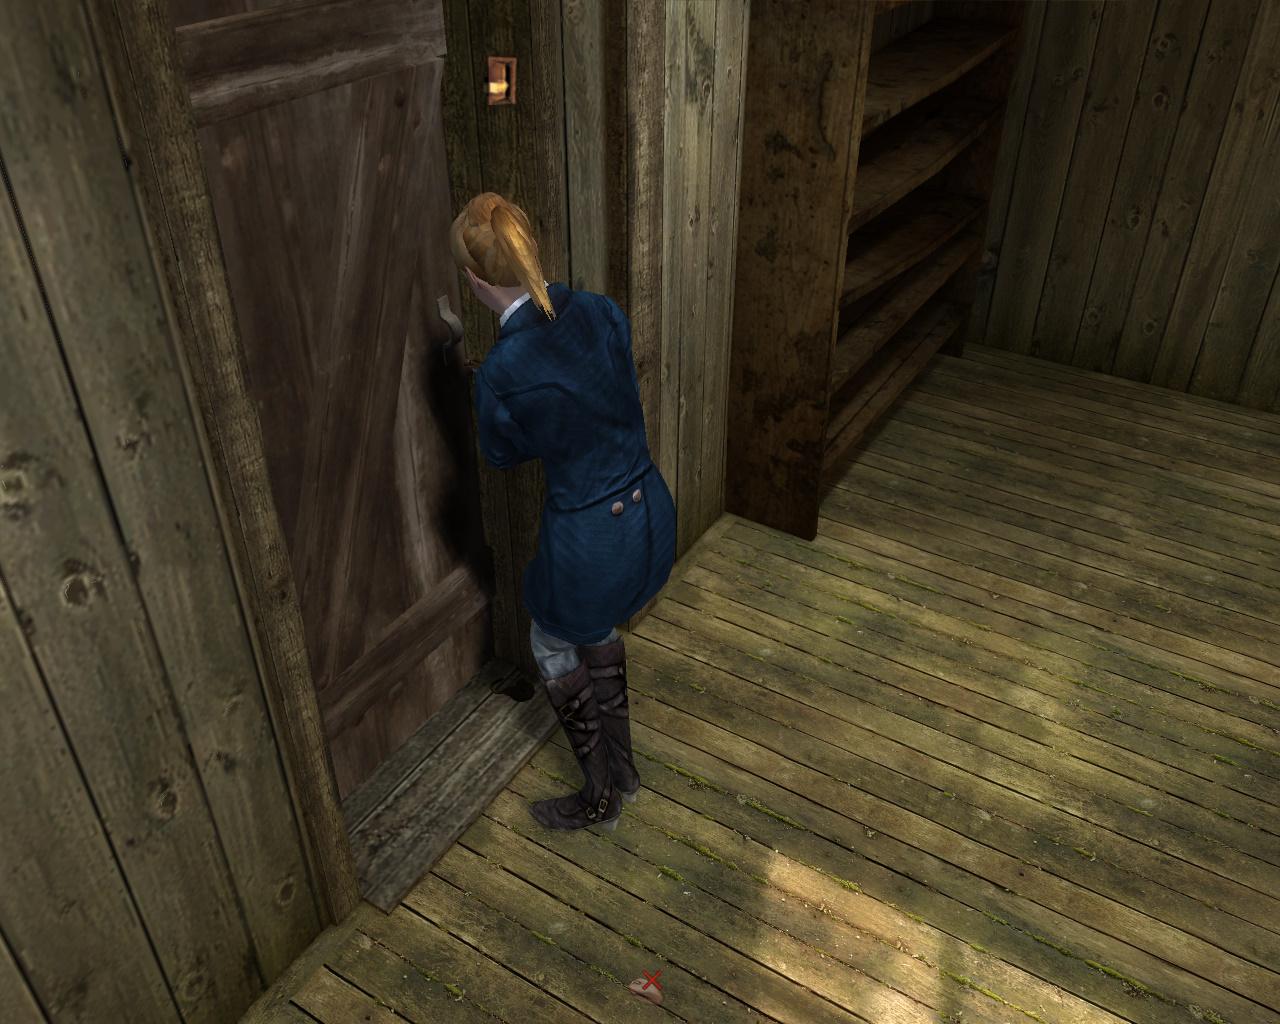 Louisiana Adventure - Кэти выбирается из домика на болоте (уровень 5)